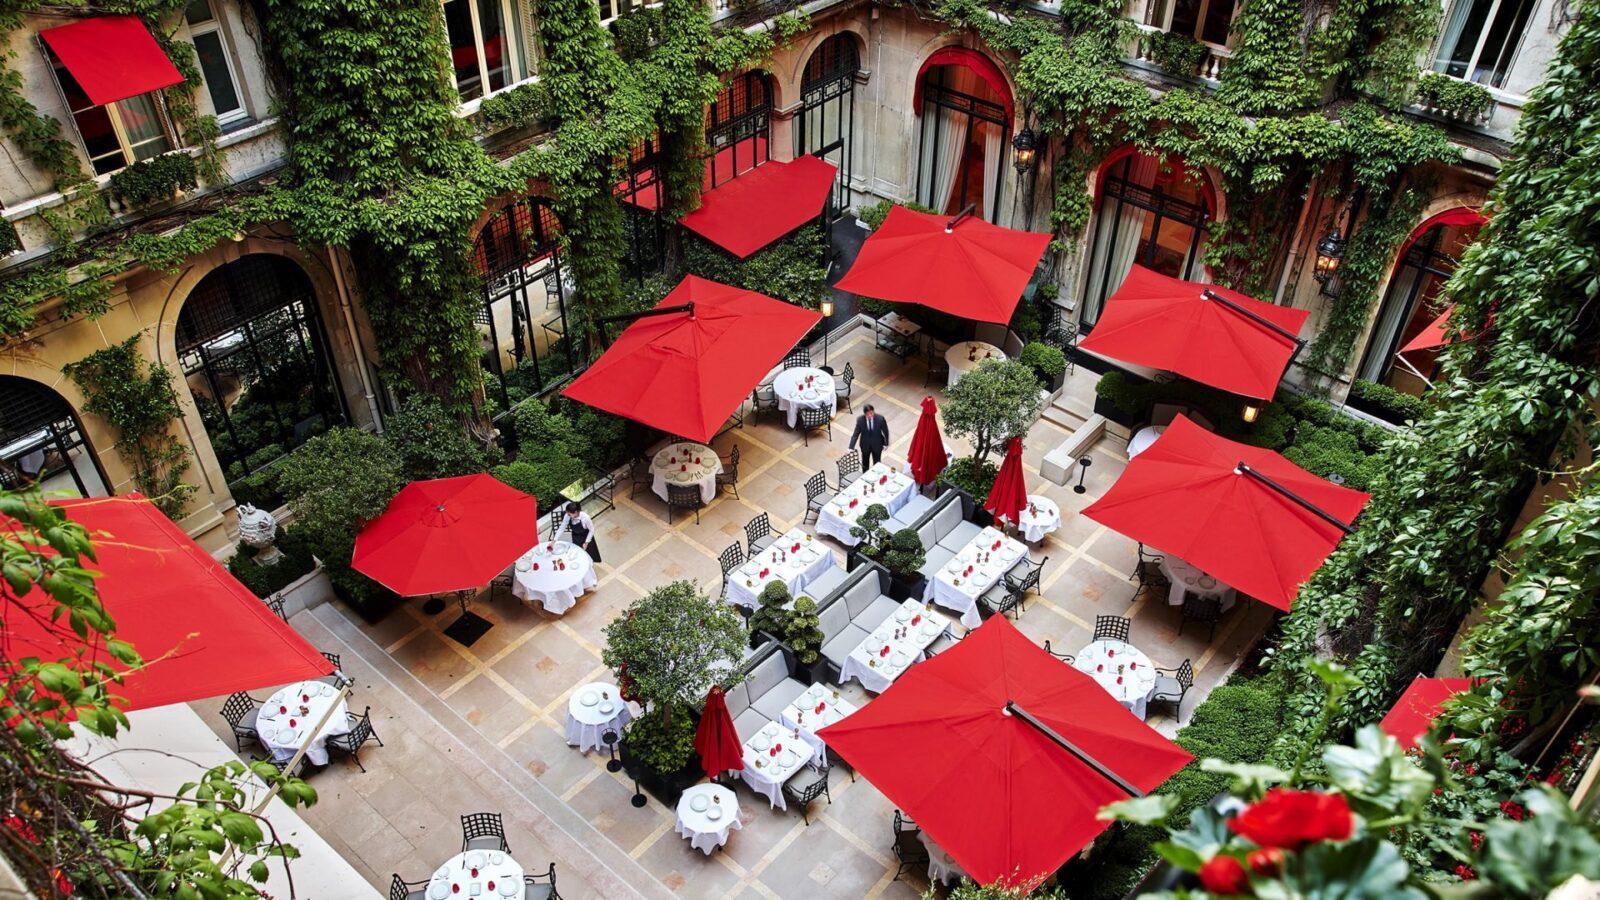 La Cour Jardin at Hôtel Plaza Athénée, Paris